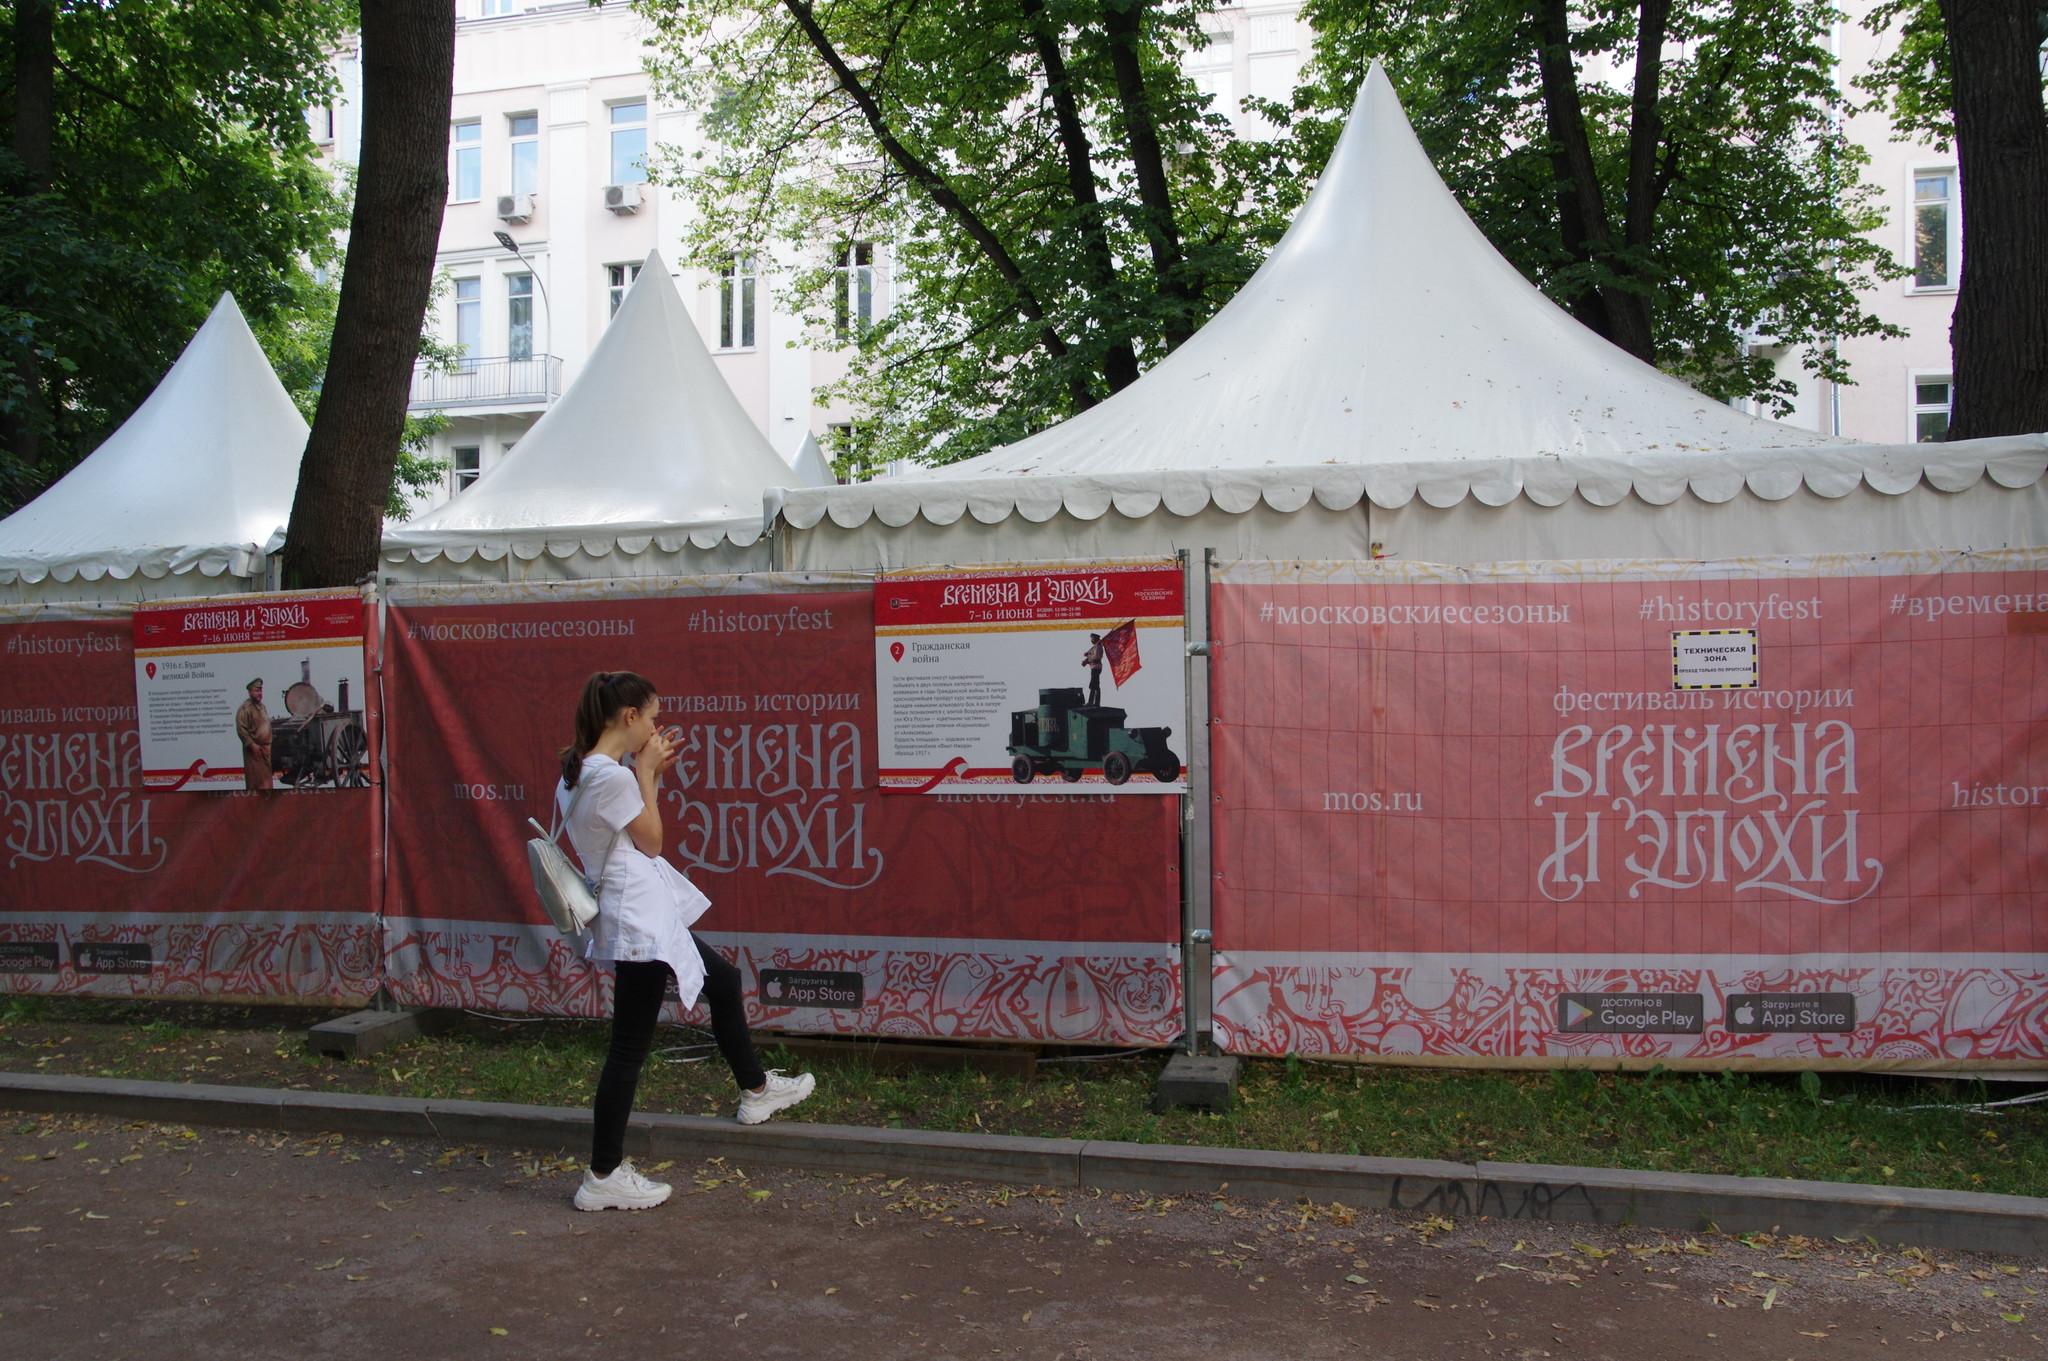 Фестиваль исторических реконструкторов «Времена и эпохи» одно из главных событий цикла городских уличных мероприятий «Московские сезоны»